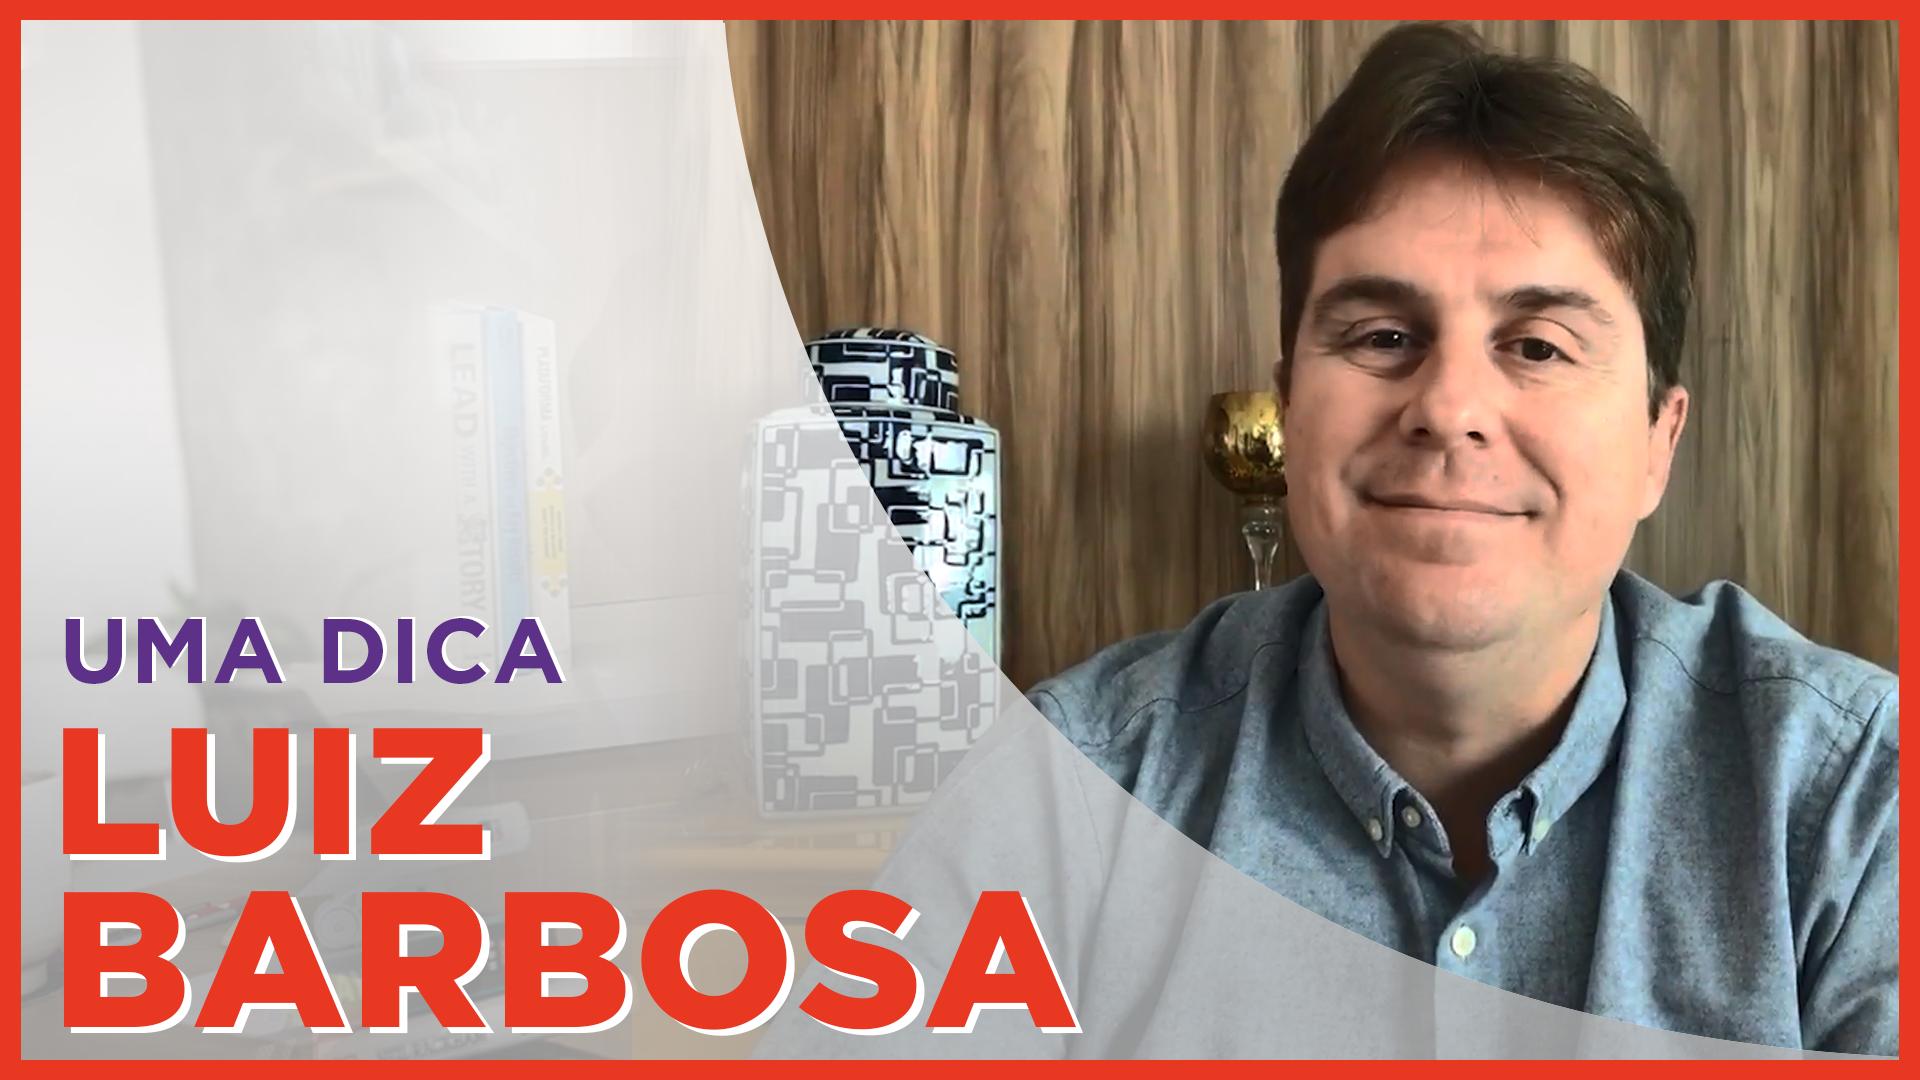 Thumb_Luiz-Barbosa-agencia-cento-e-vinte-uma-dica-de-empreendedor-marketing-digital-para